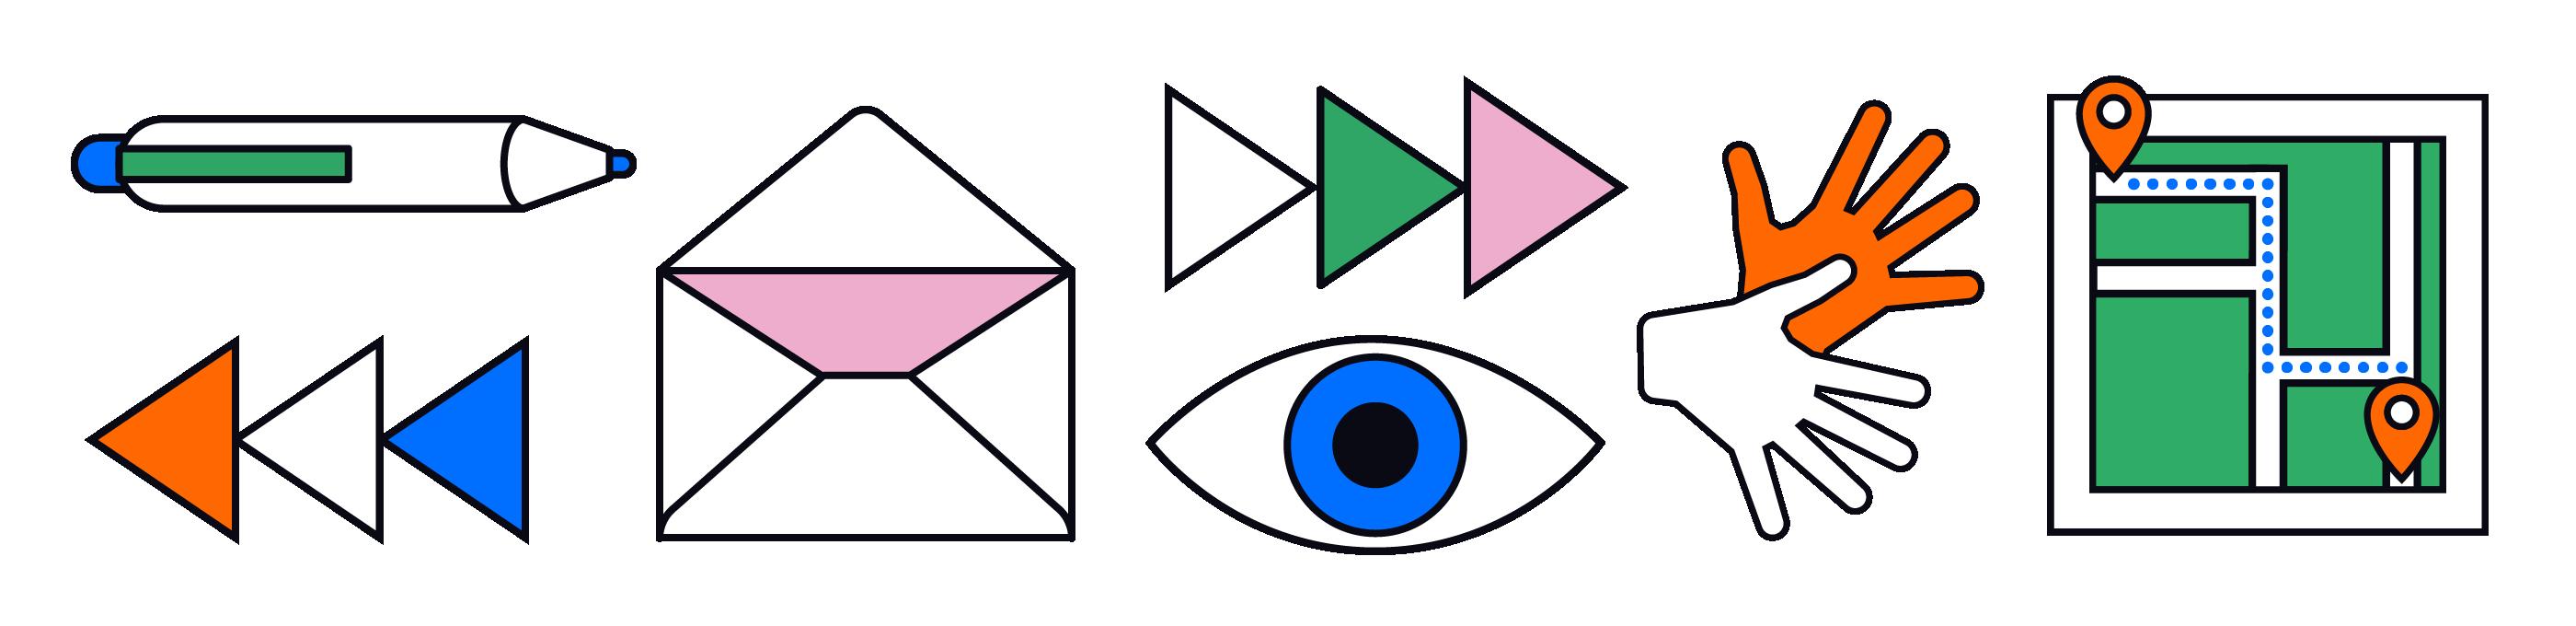 Een serie iconen illustreren de contactpagina op passende wijze: met o.a. een envelop